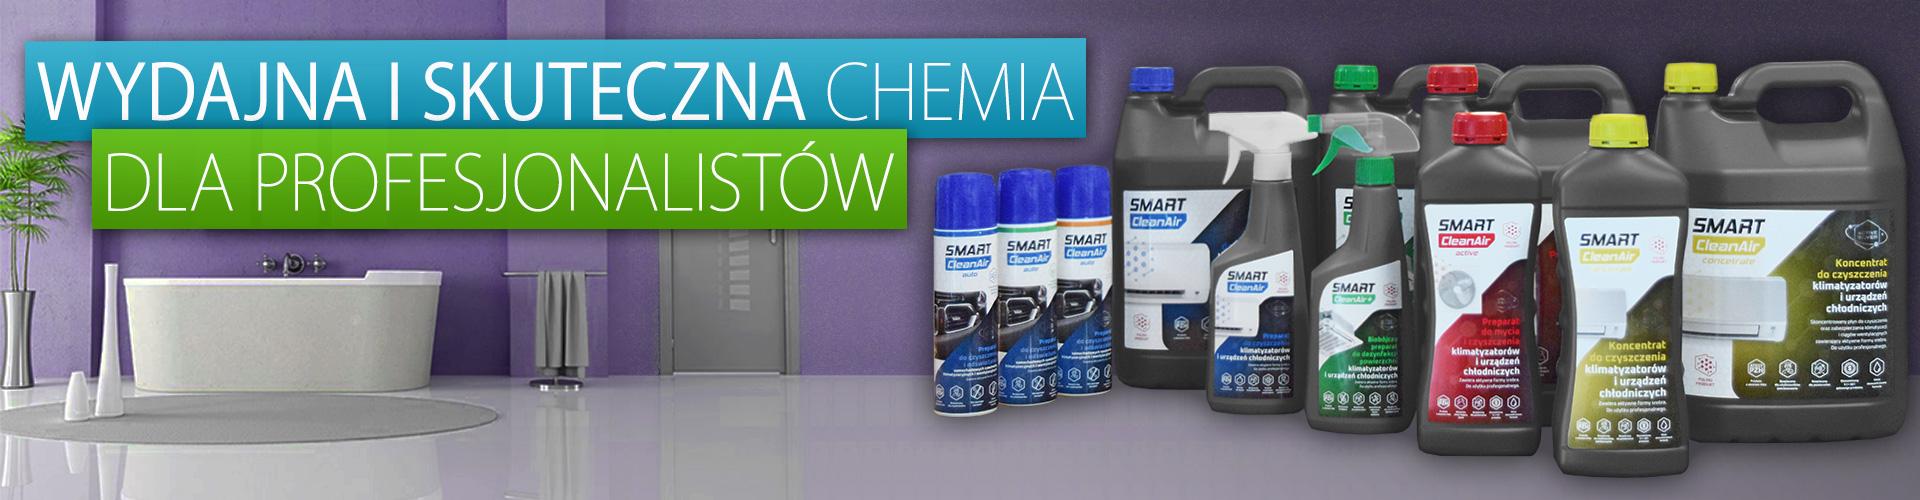 www.alleWENTA.pl - Sklep z wentylacją